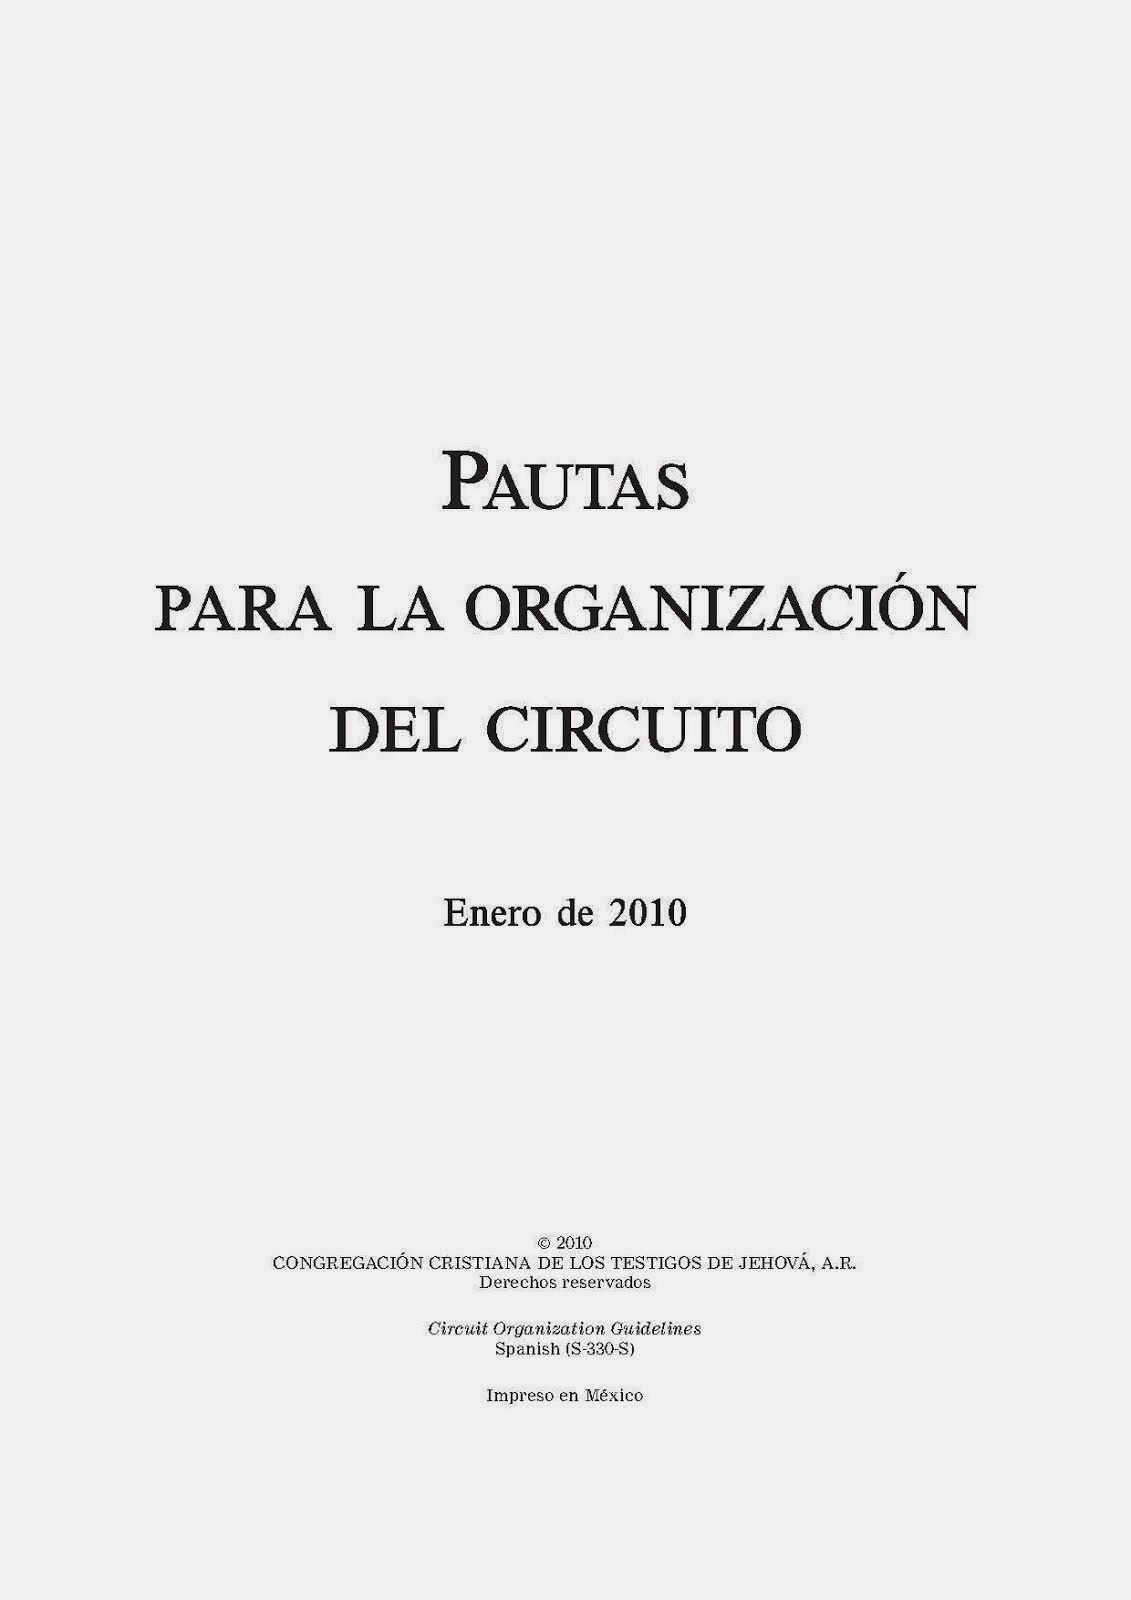 Pautas para la organización del circuito